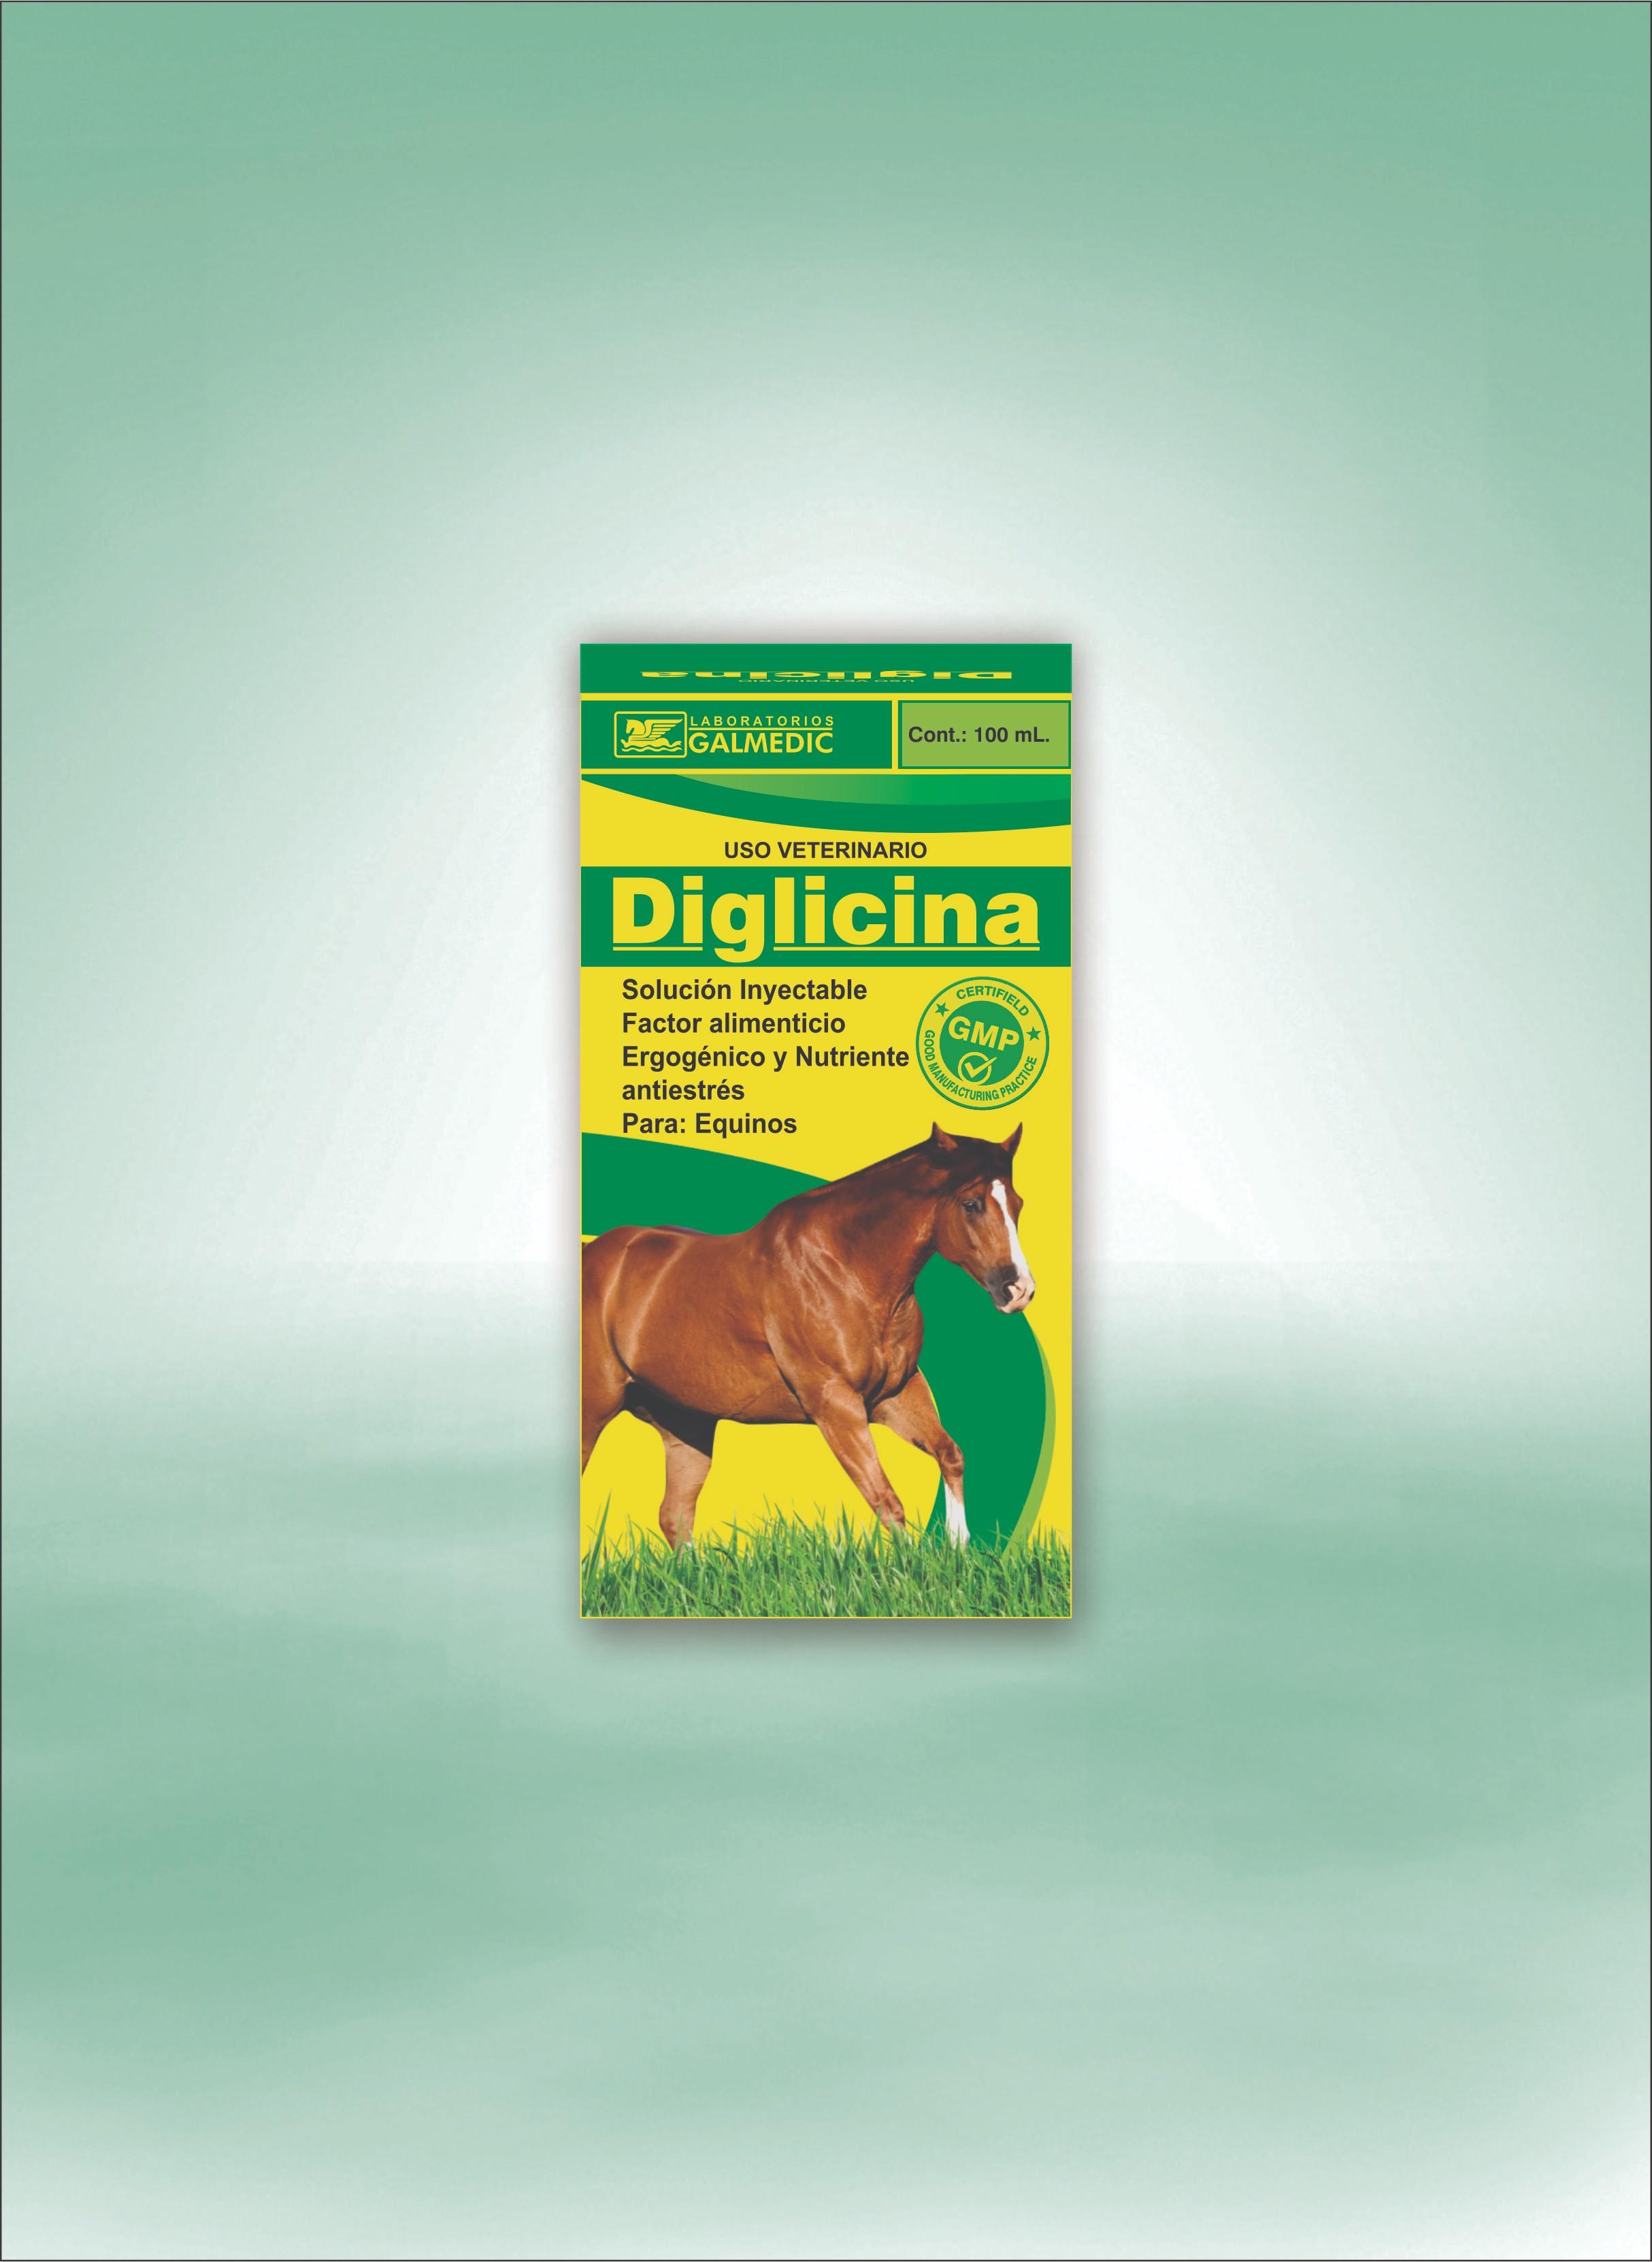 DIGLICINA